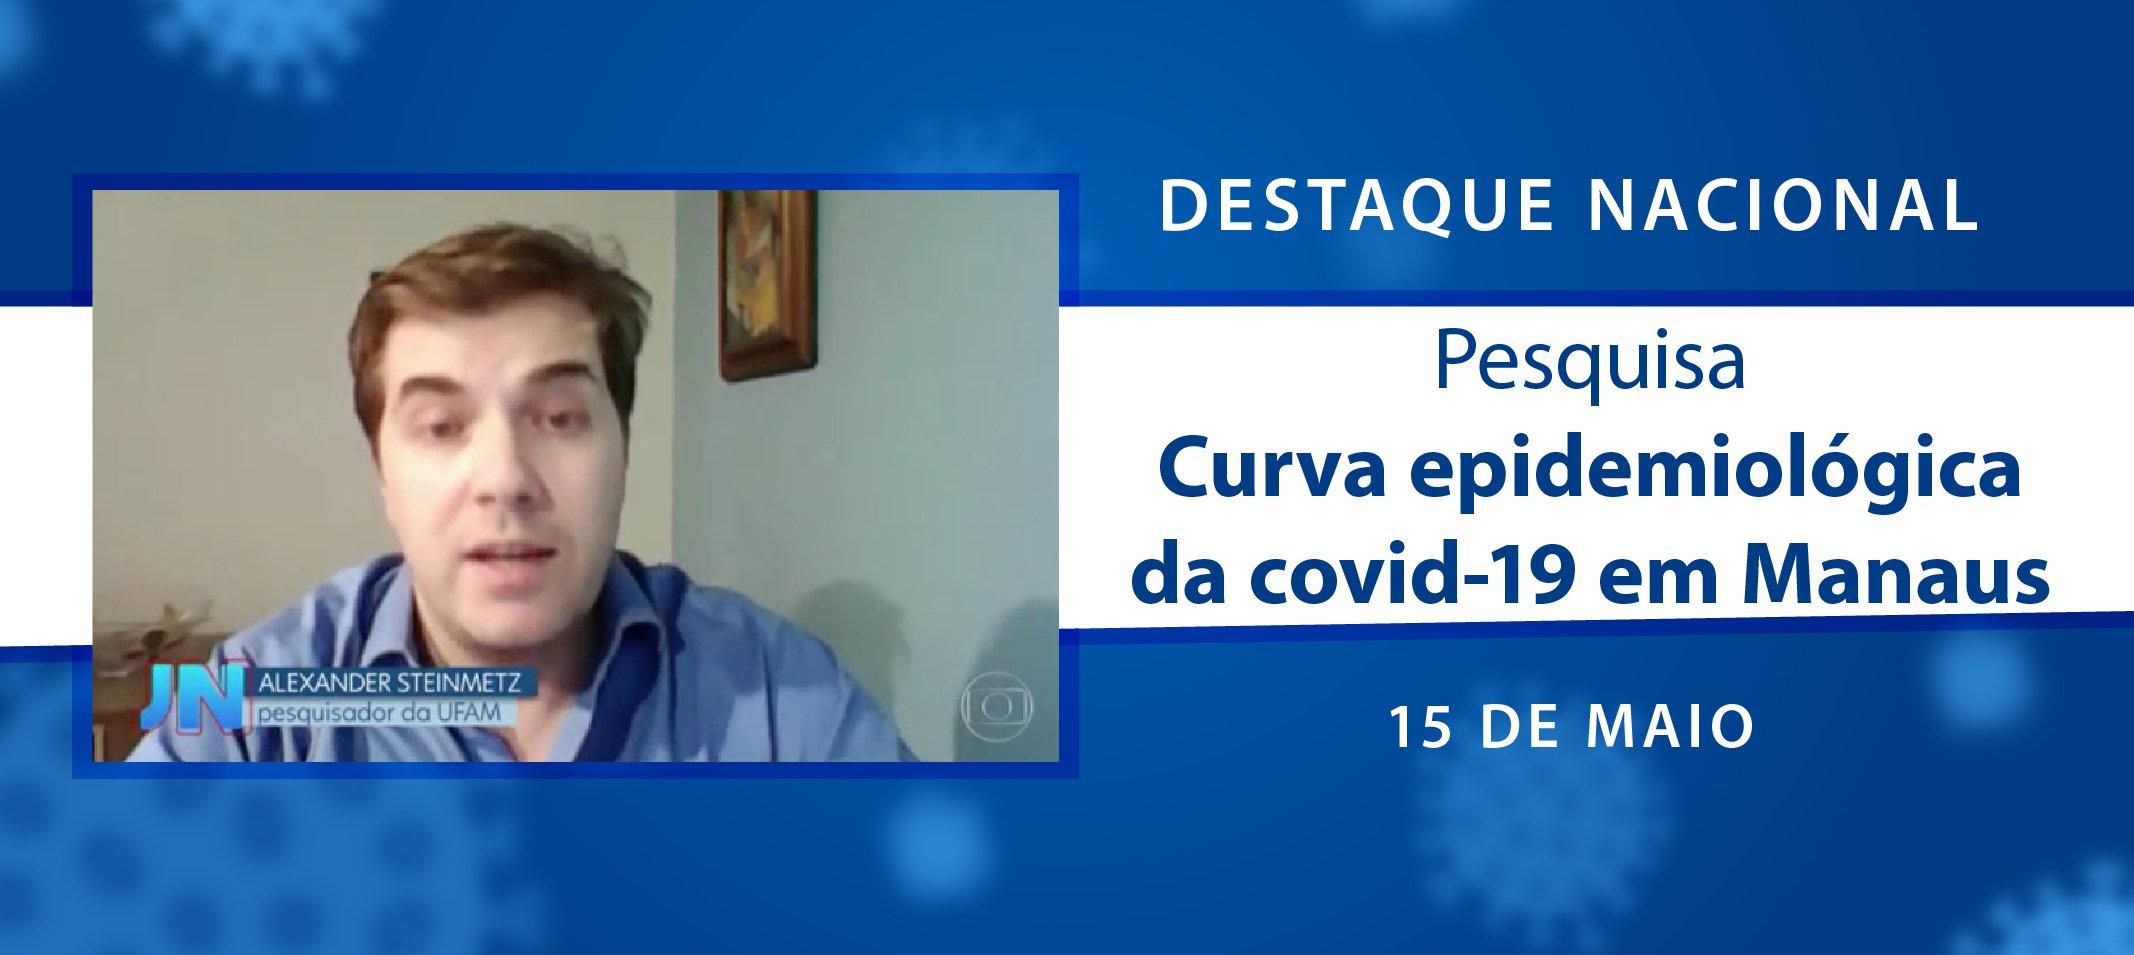 Pesquisa da Ufam que aponta eficácia do isolamento social para o achatamento da curva de covid-19 é destaque nacional